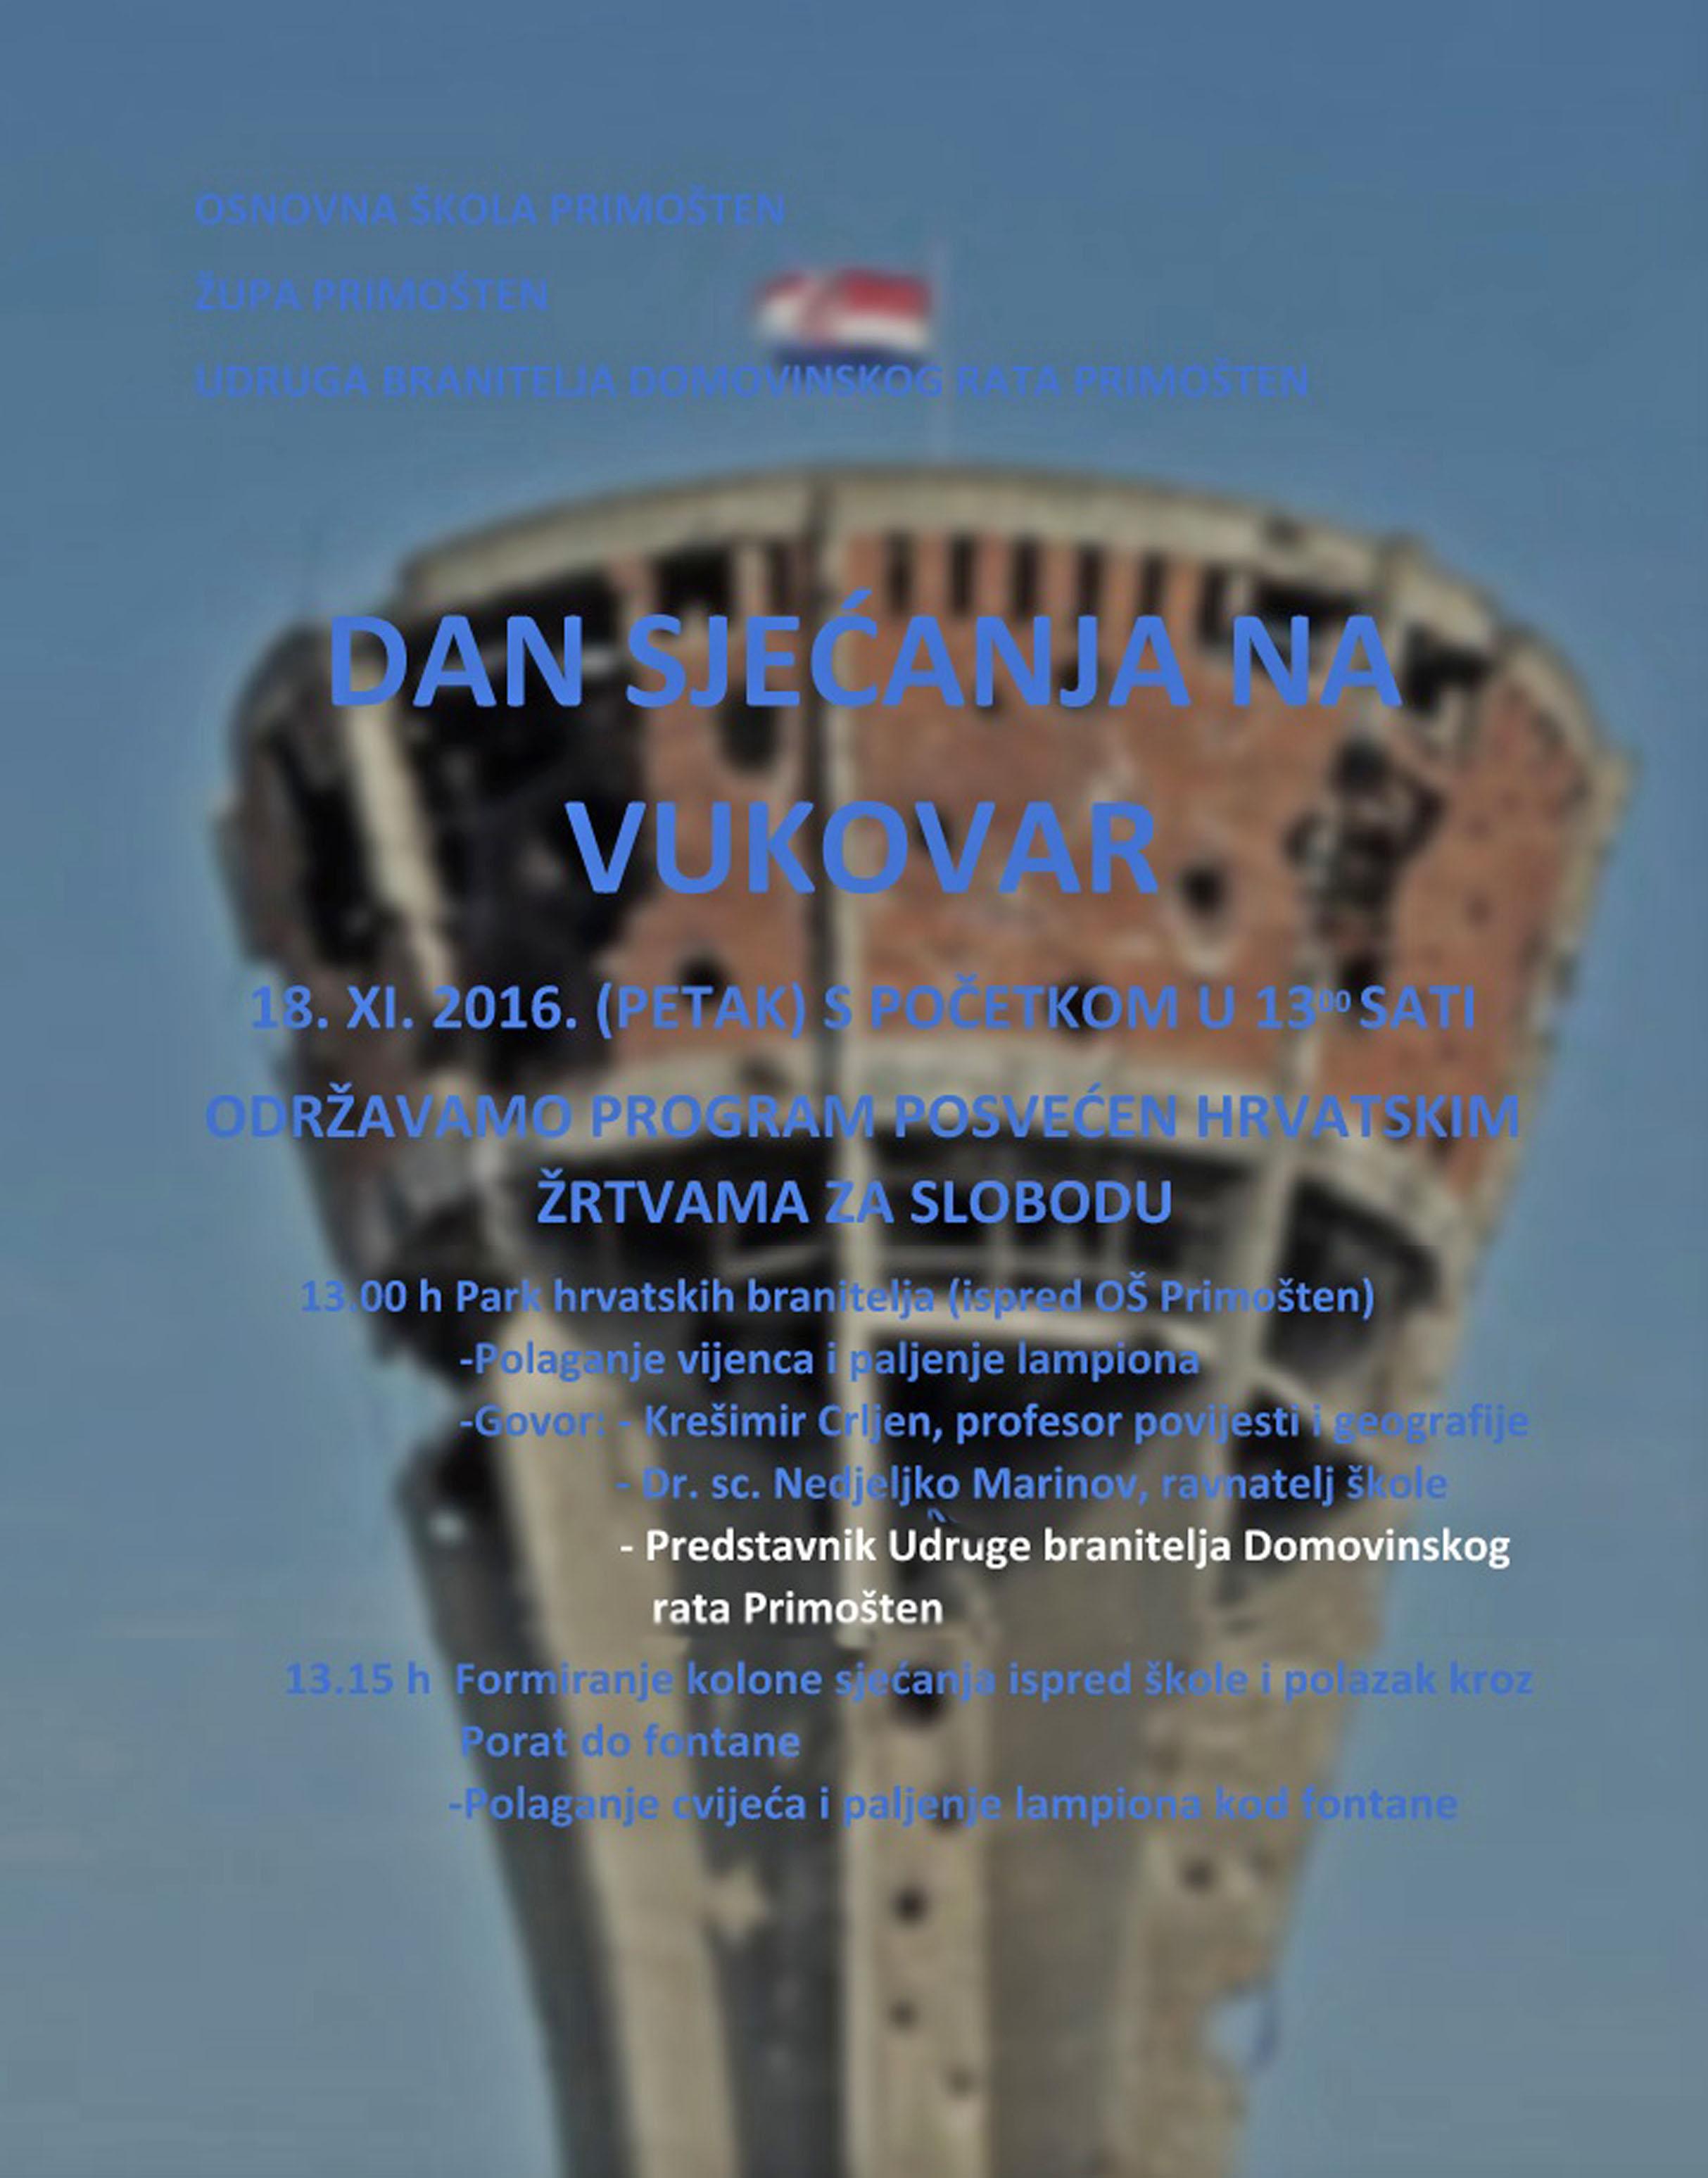 sjećanje Vukovar